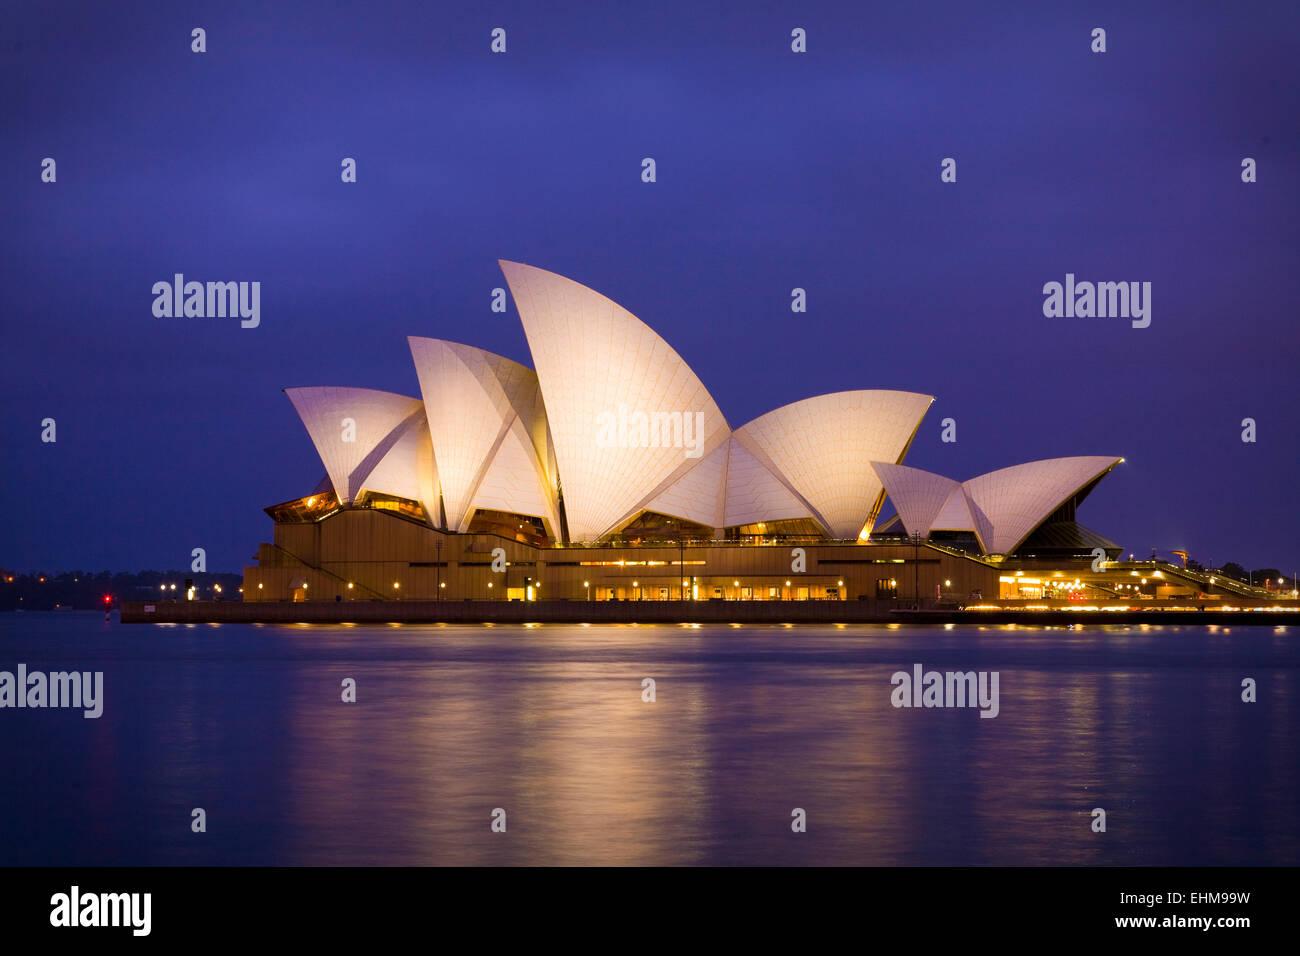 La Opera House di Sydney, Australia Immagini Stock